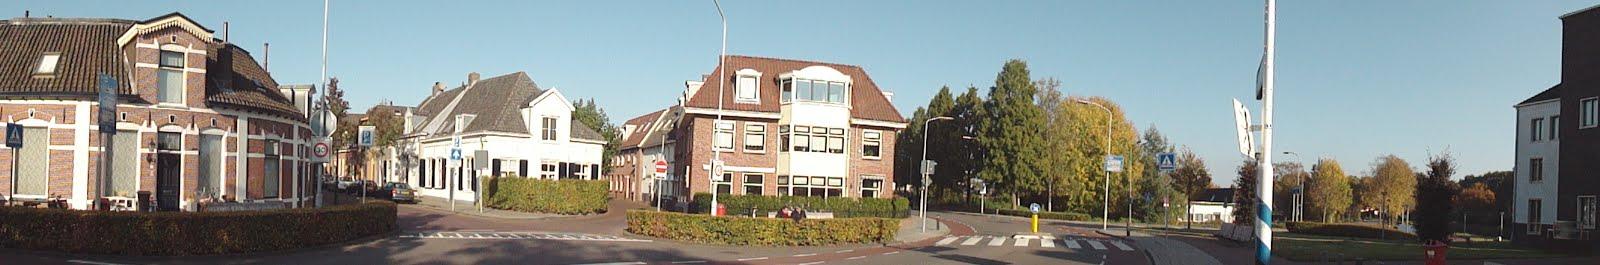 Ooipoortstraat